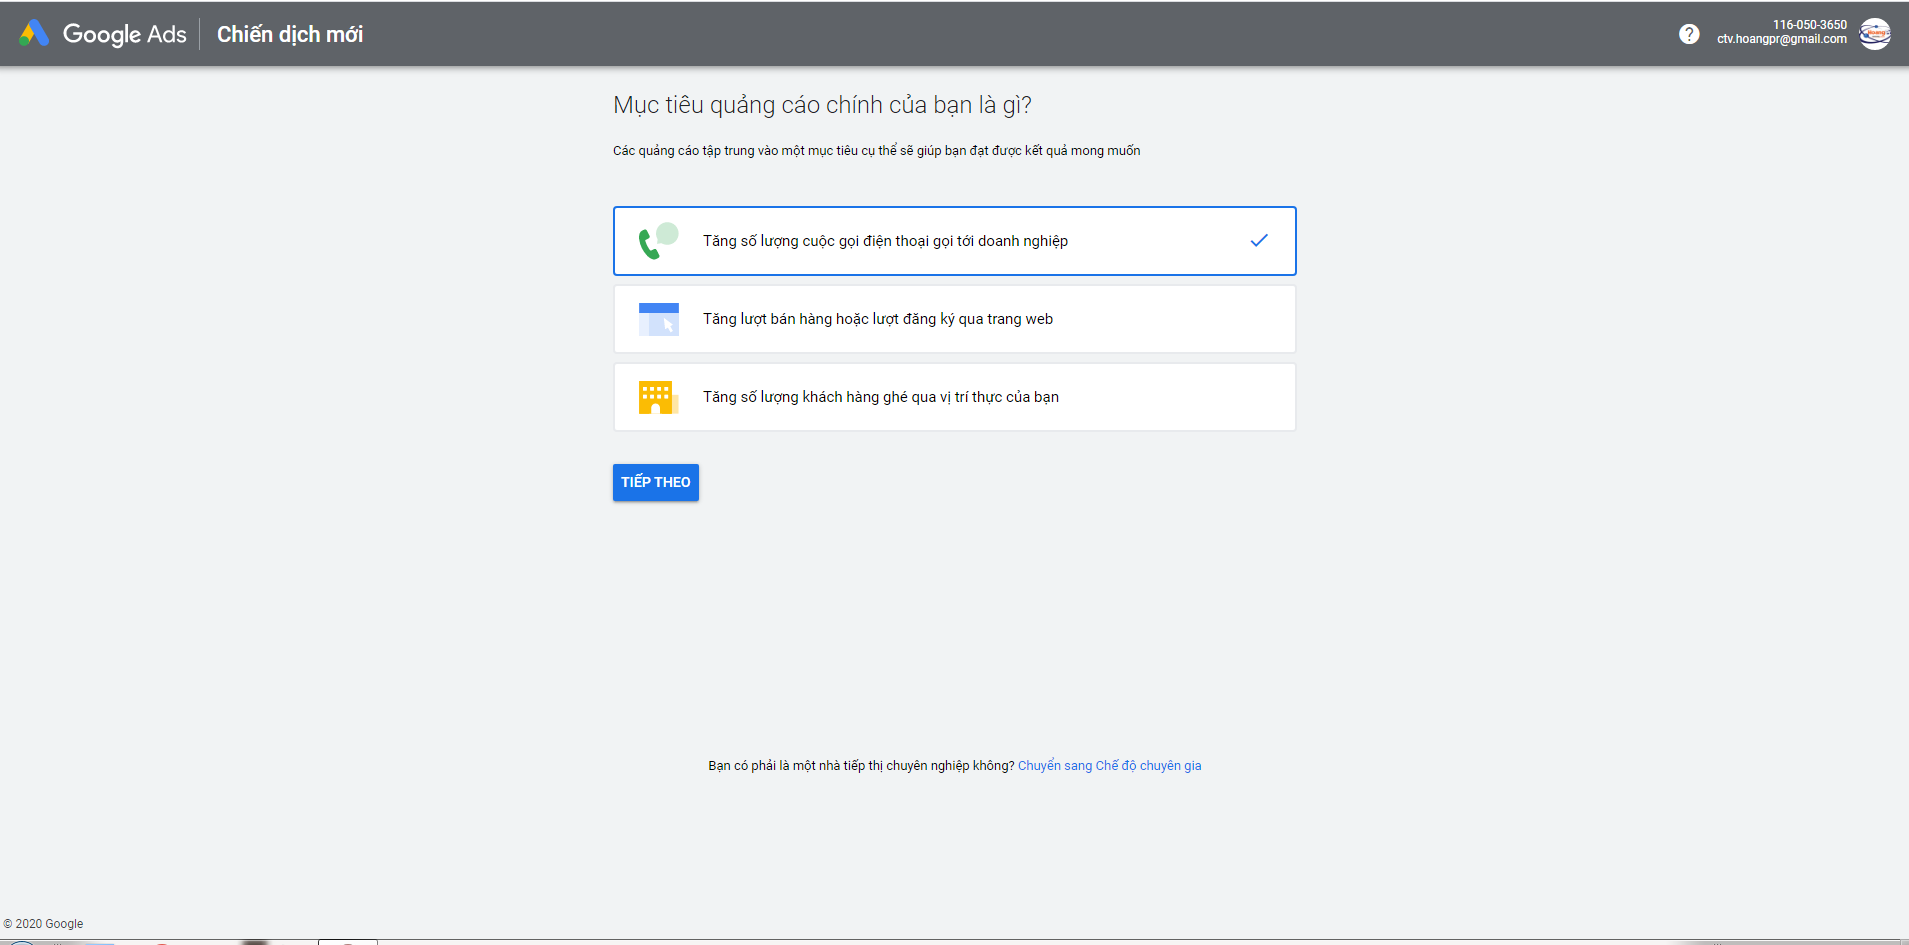 Tạo tài khoản đăng ký quảng cáo google